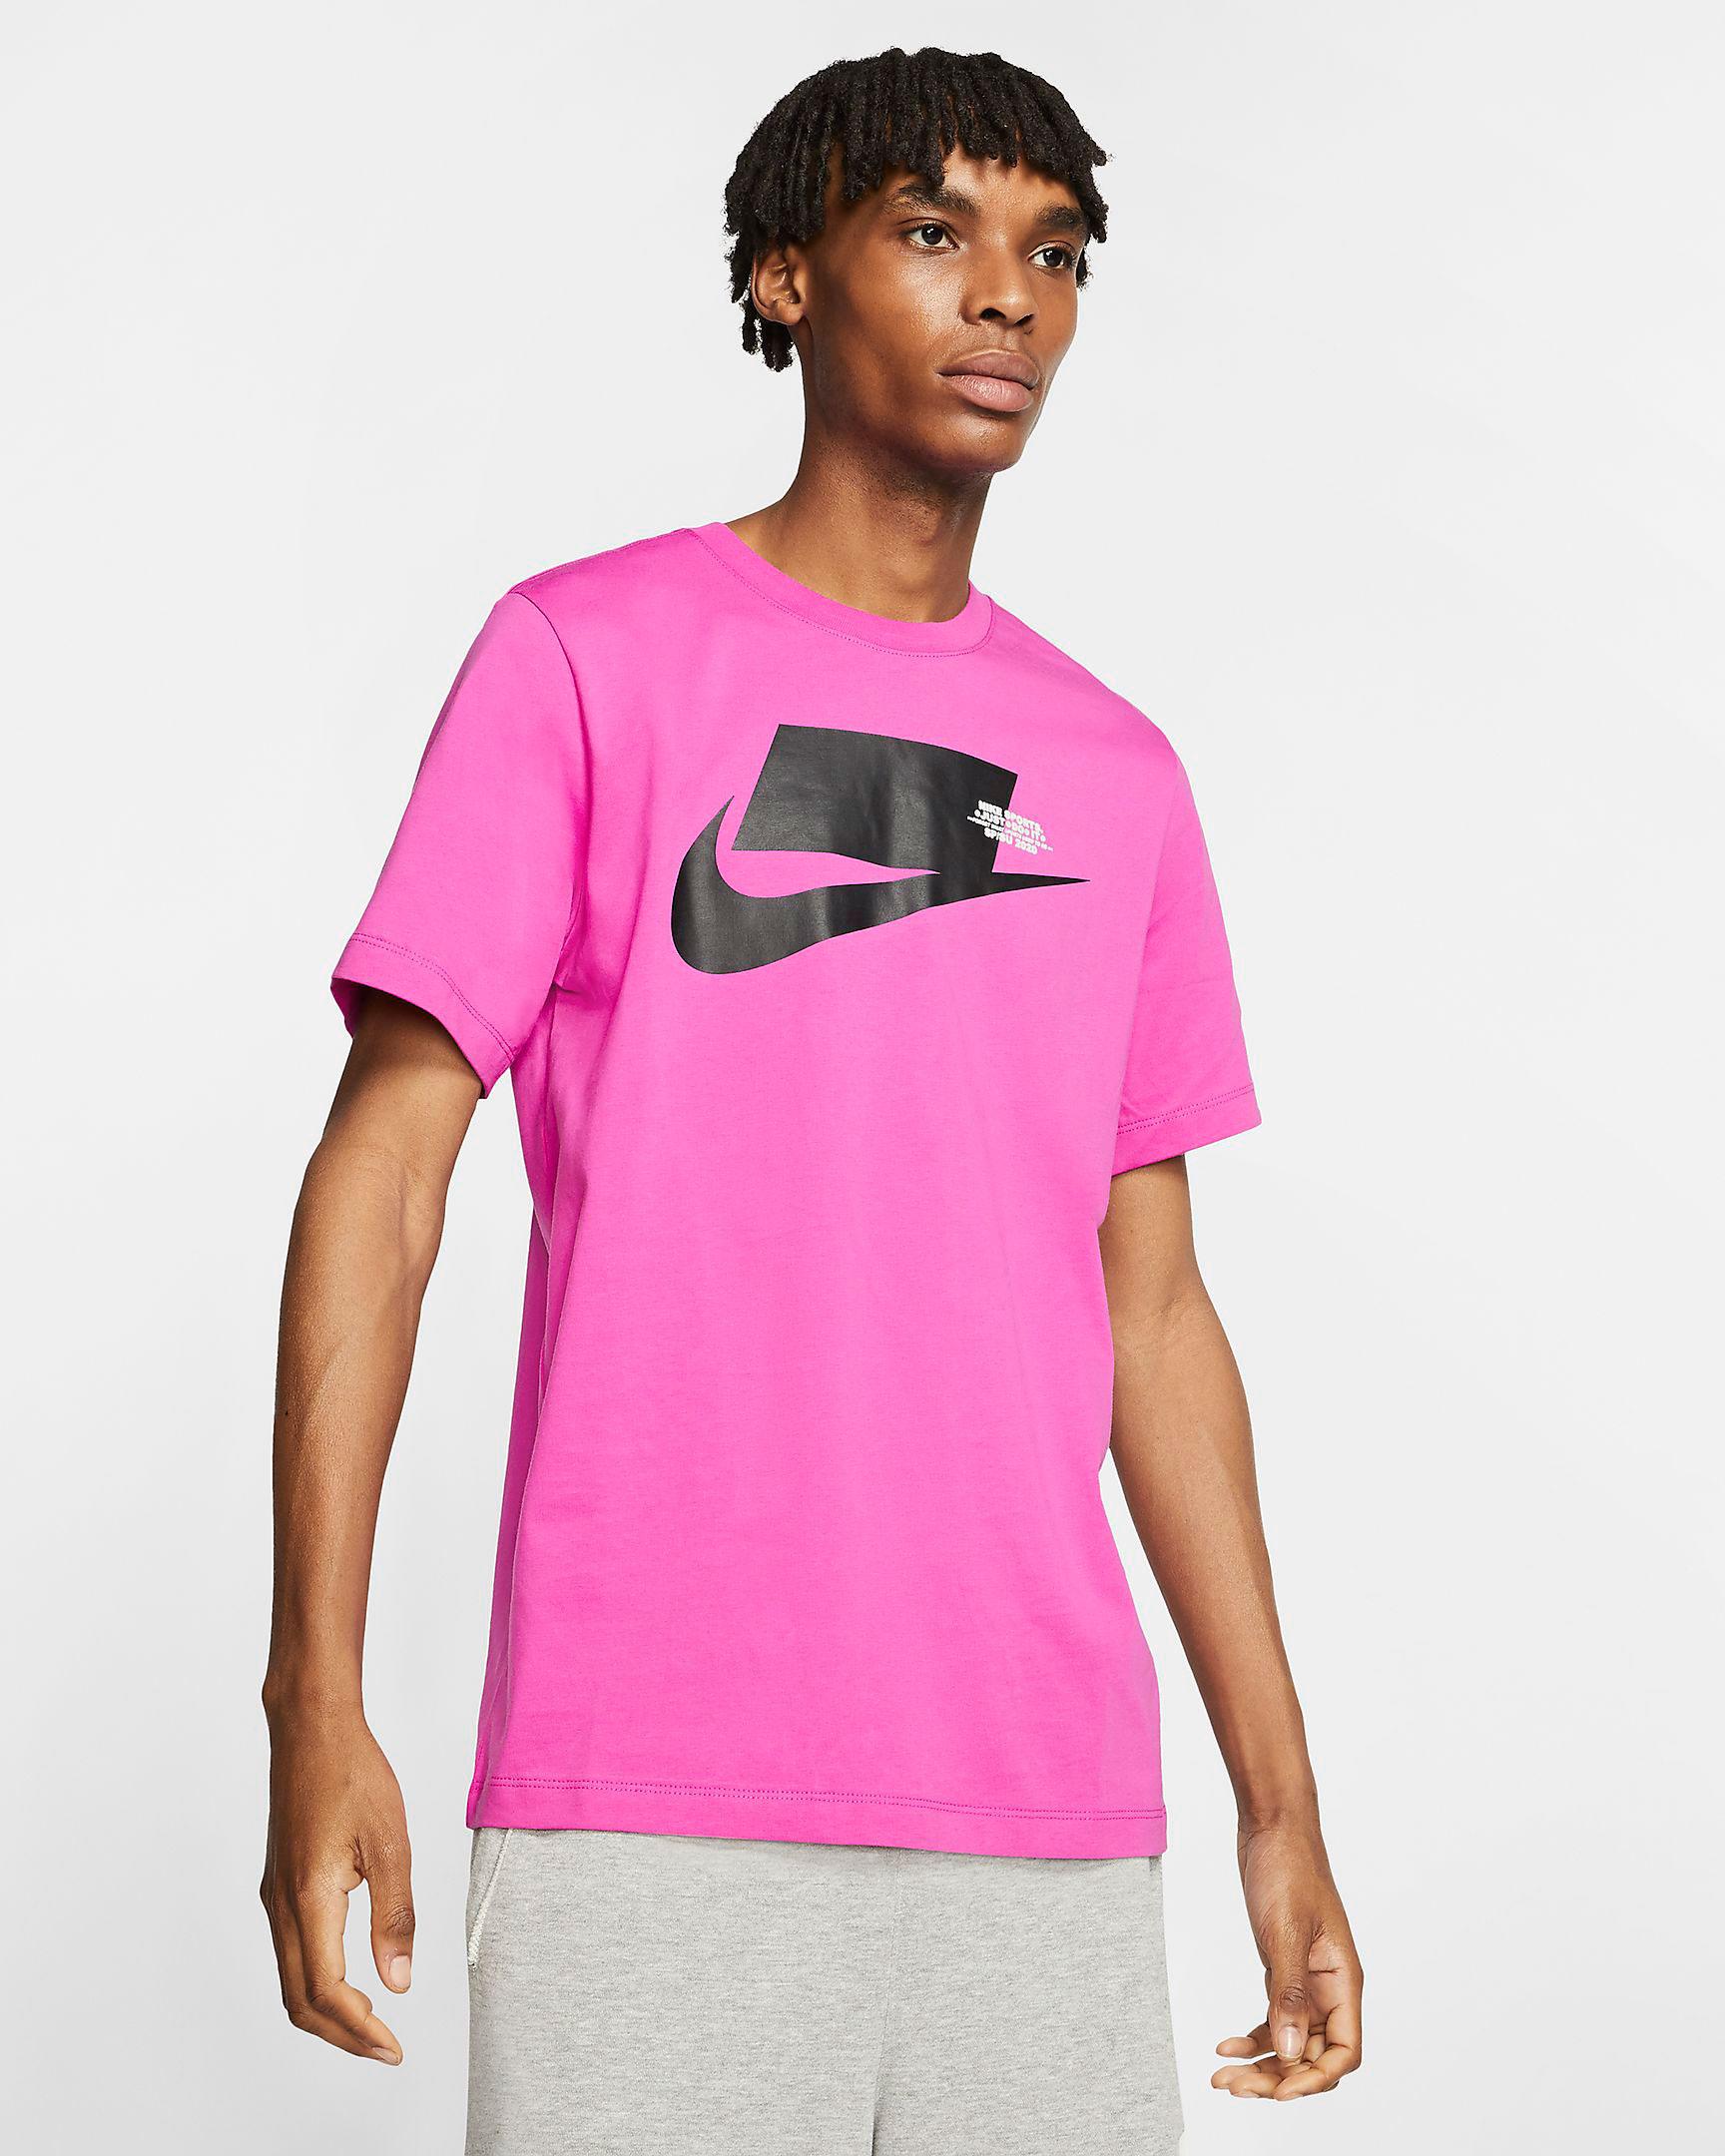 nike-sportswear-block-logo-shirt-fuschia-pink